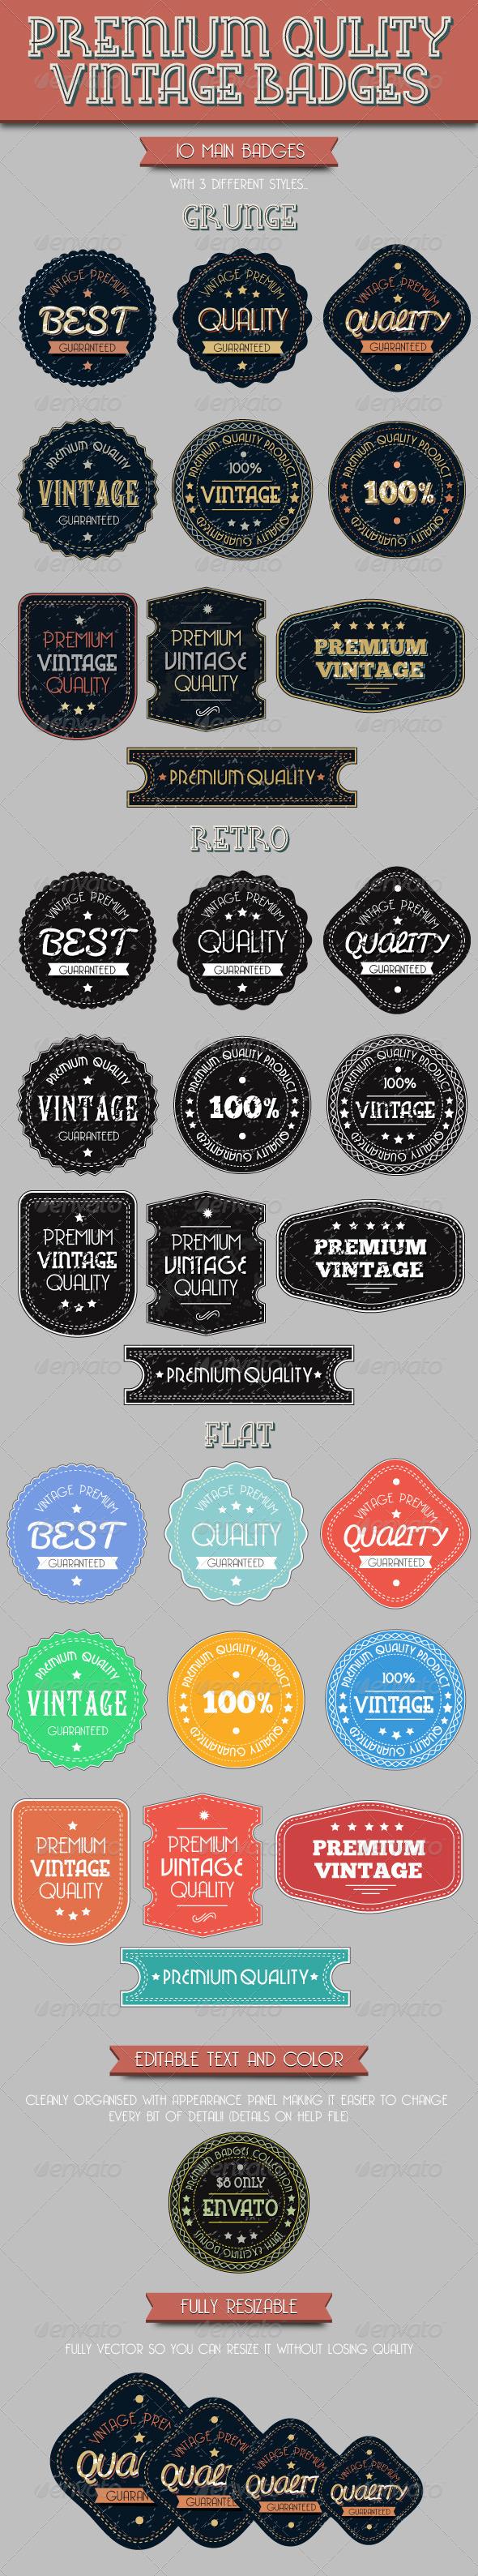 Premium Quality Vintage Badges - Badges & Stickers Web Elements